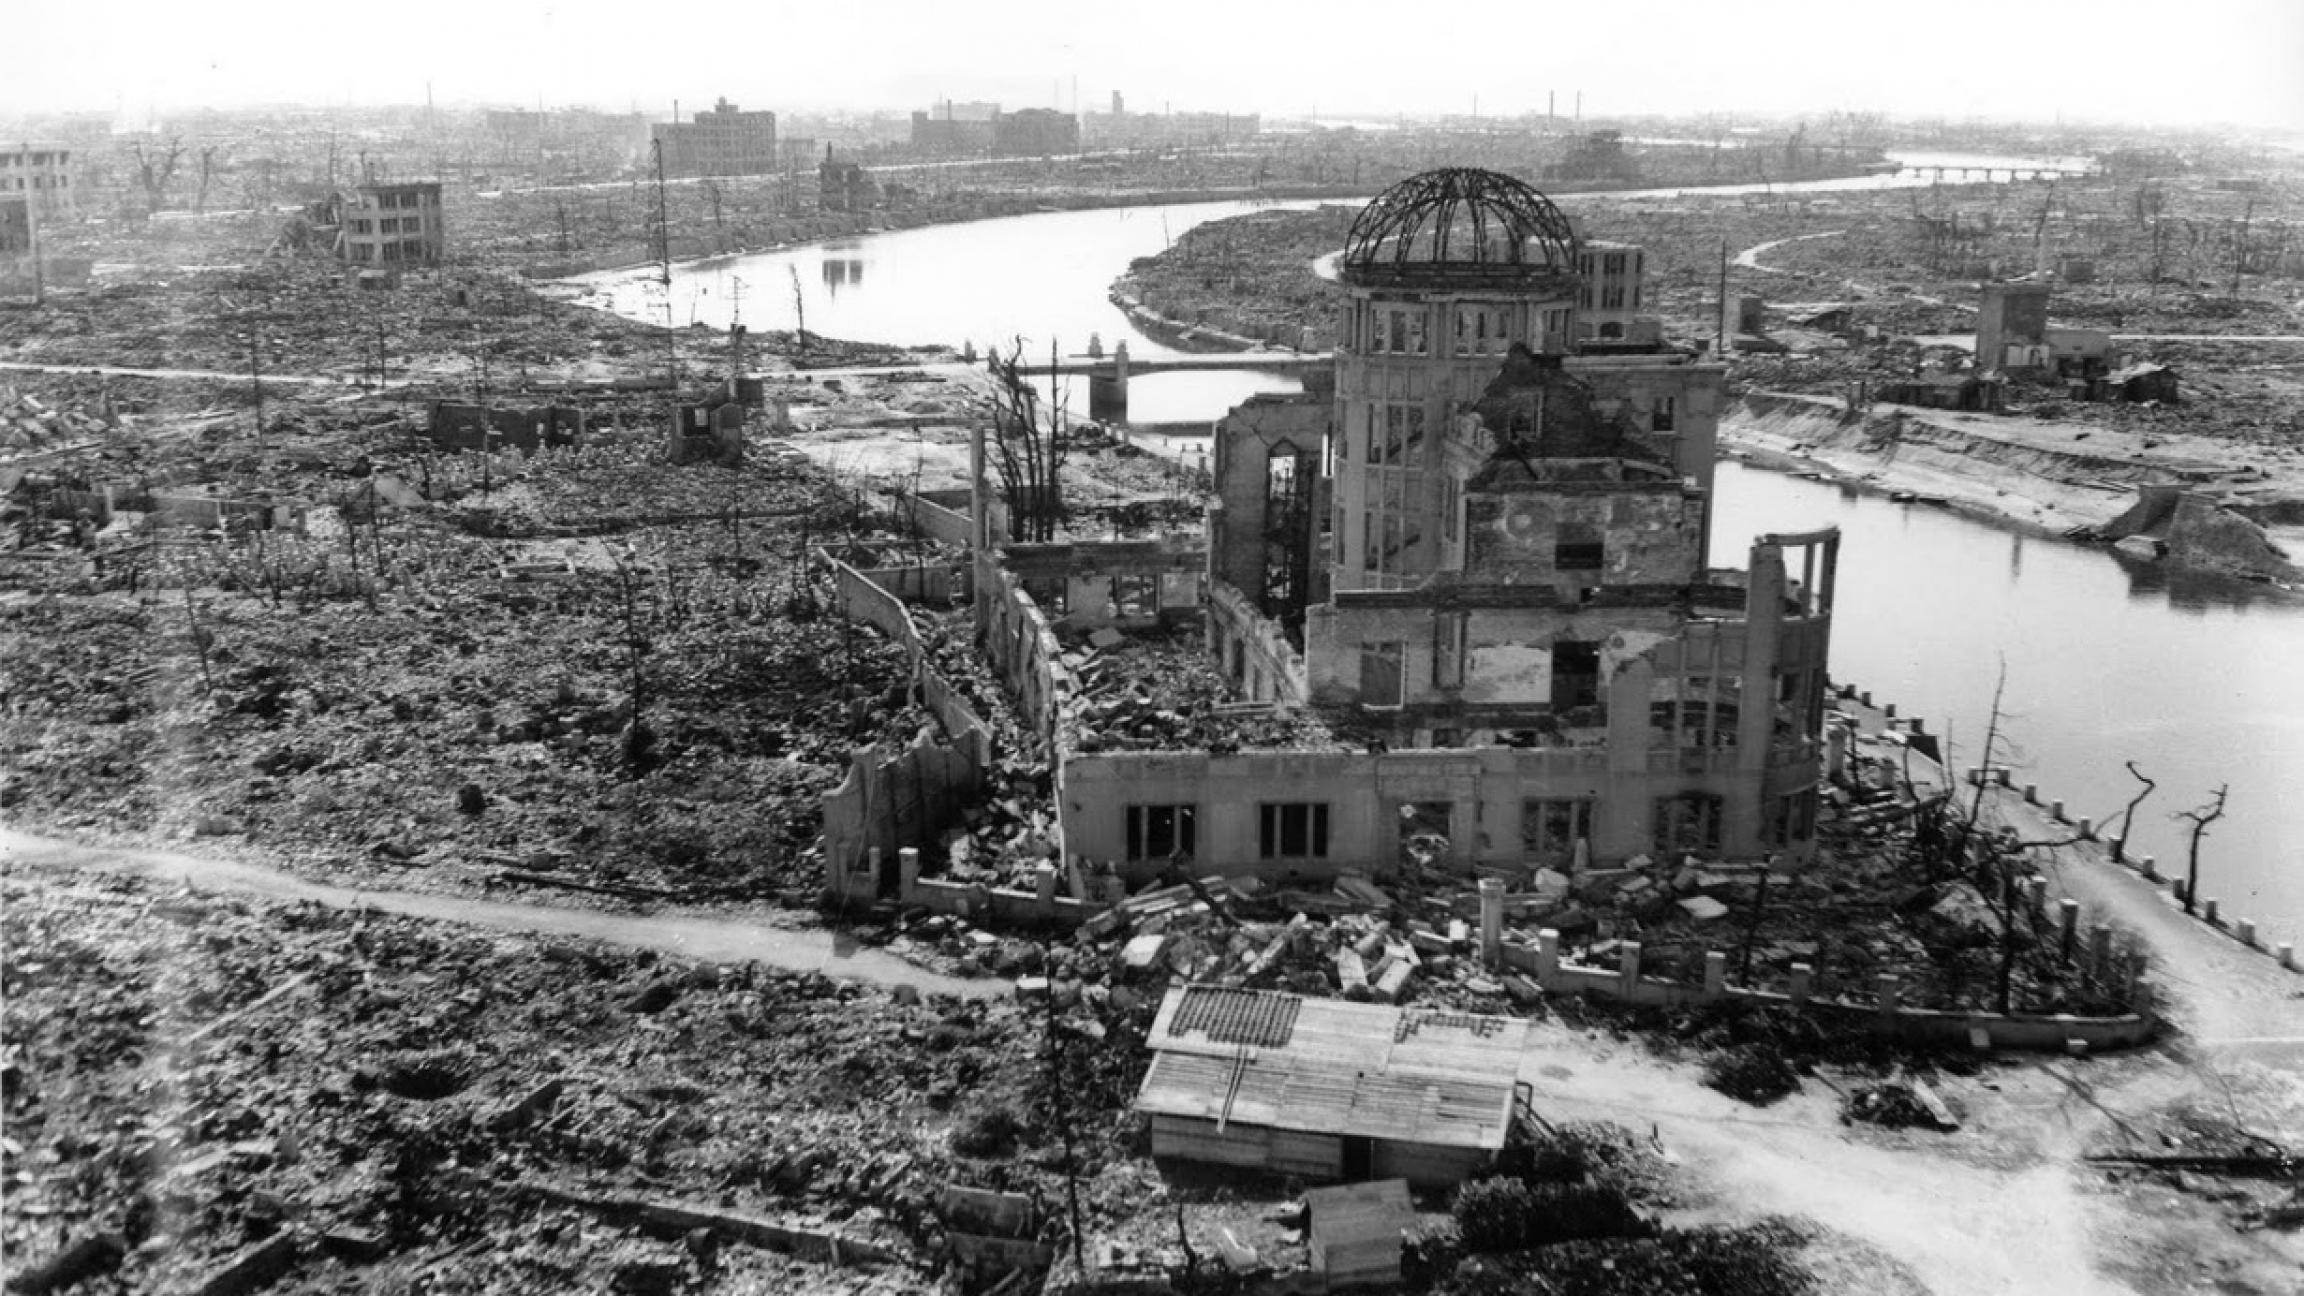 November 1945. Hiroshima, Japan.